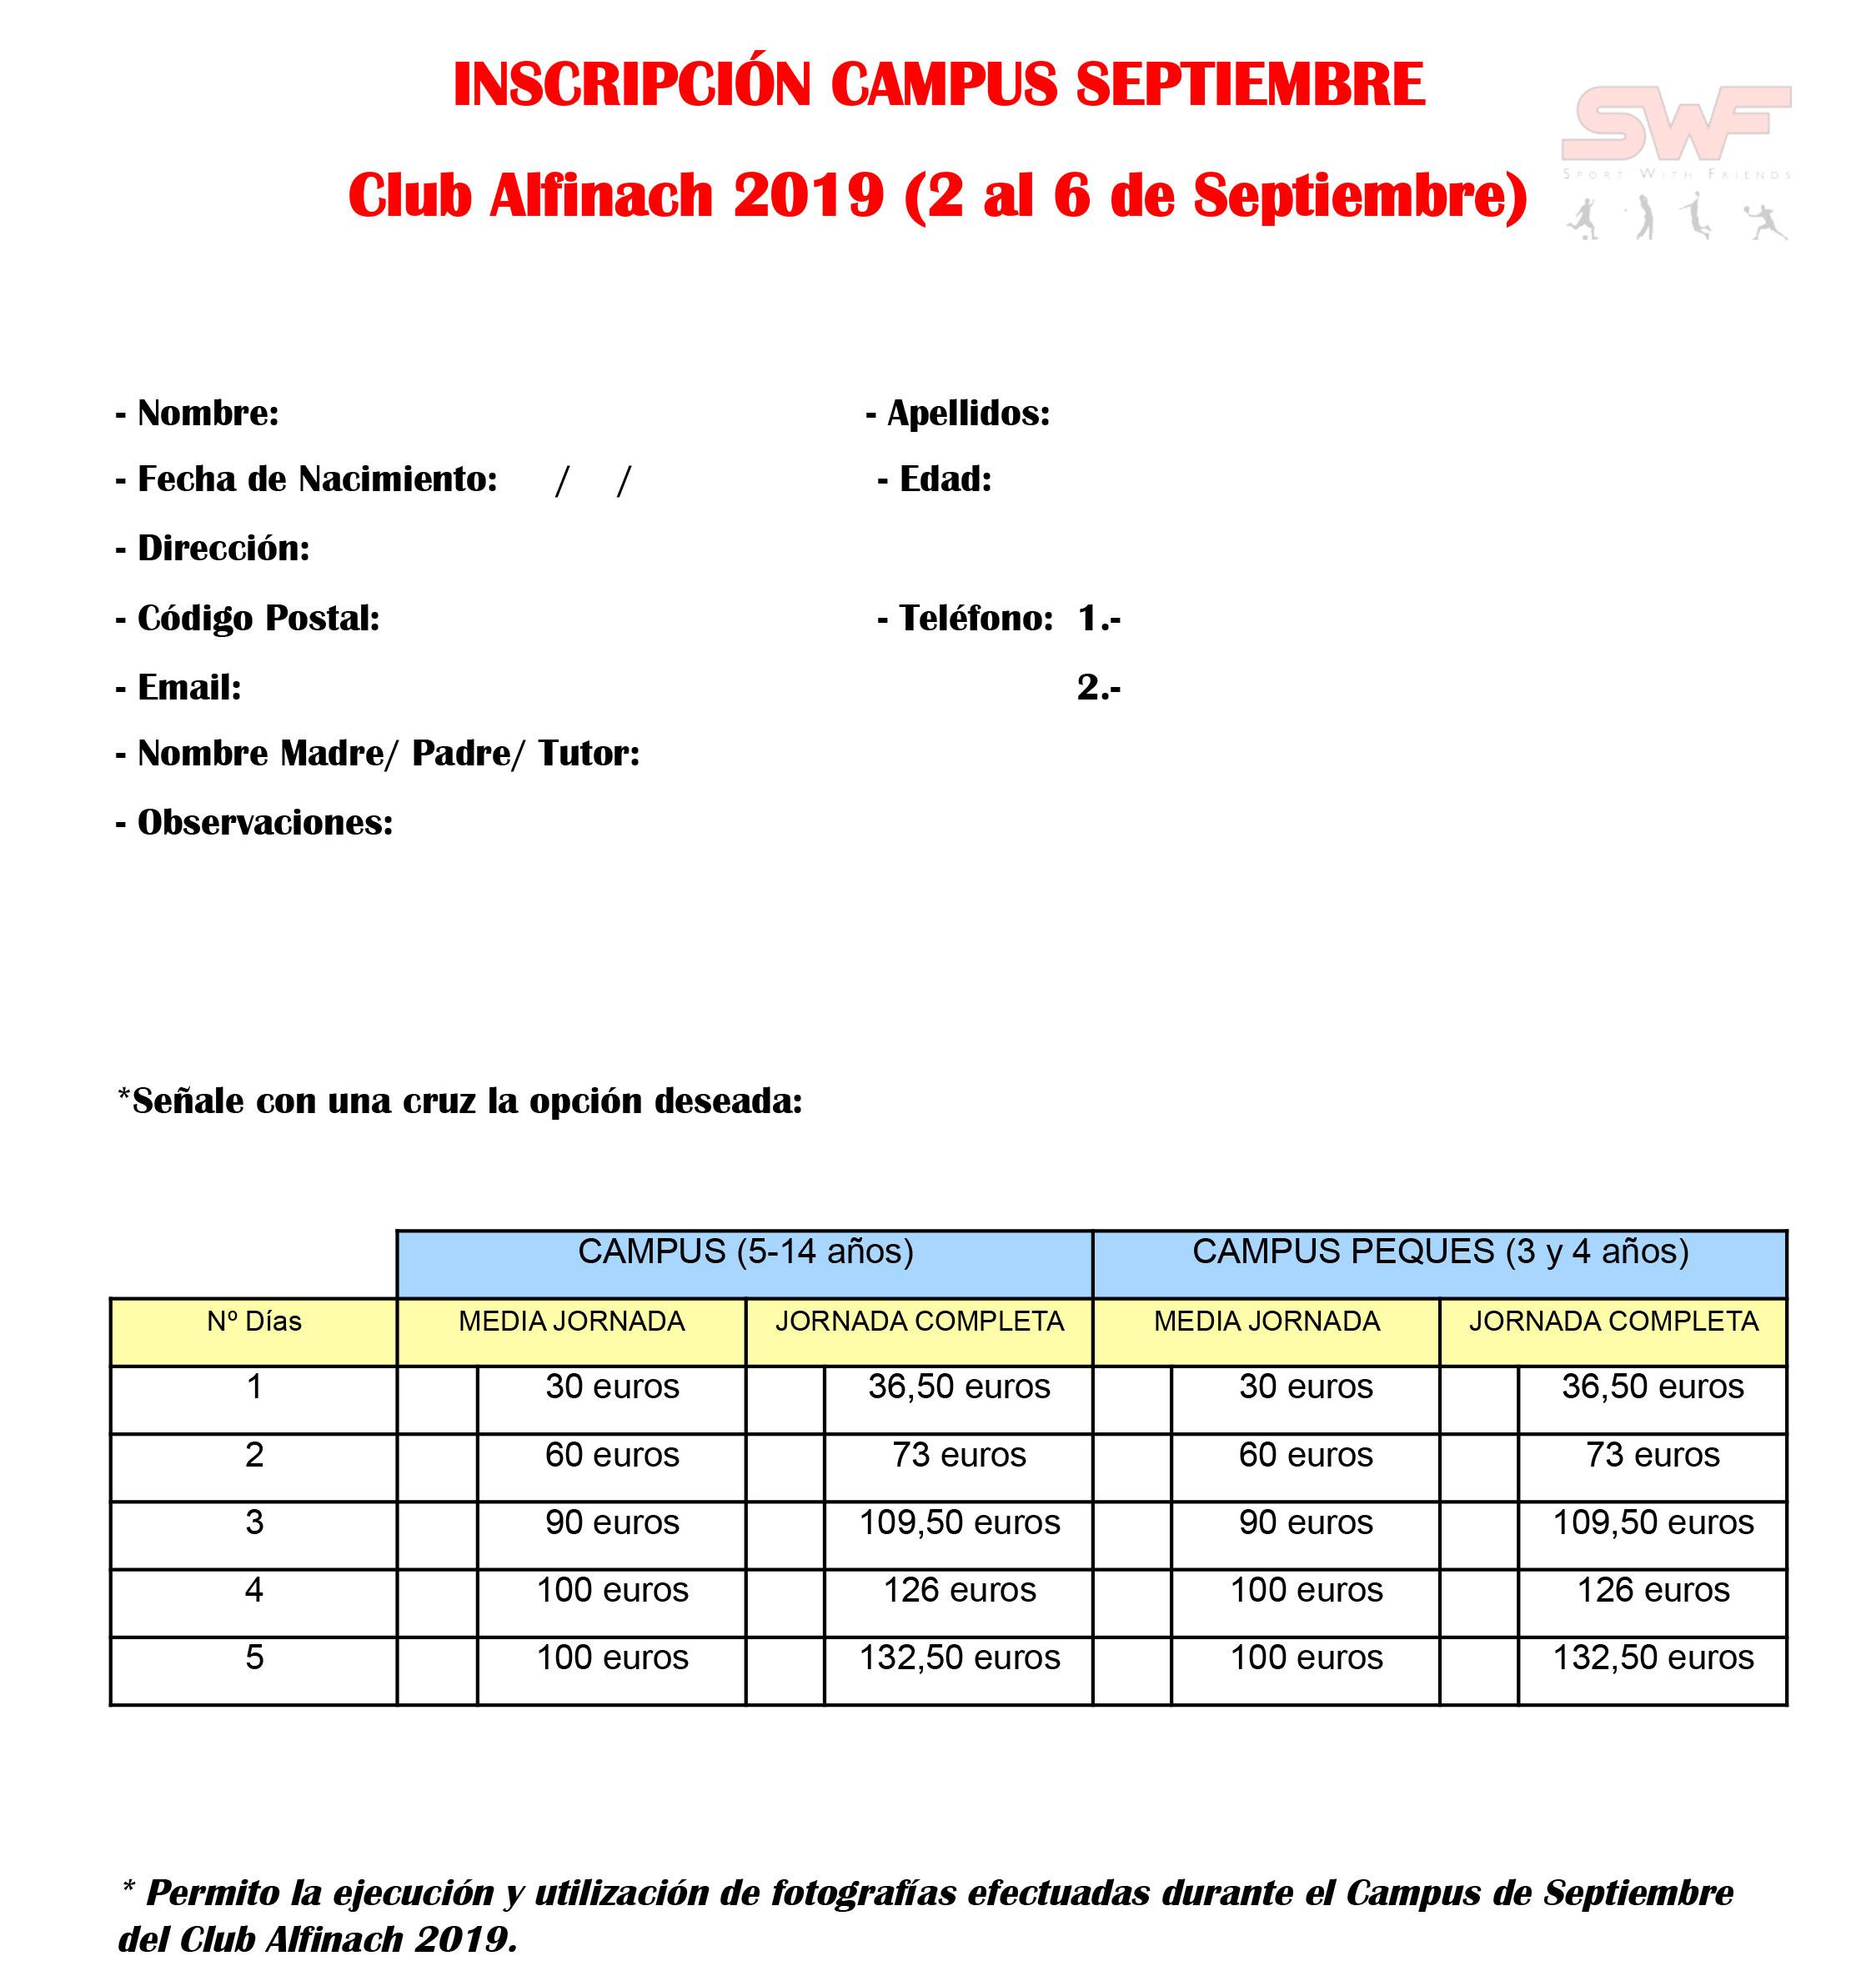 Campus Club Social Alfinach<br>Campus Septiembre 2019